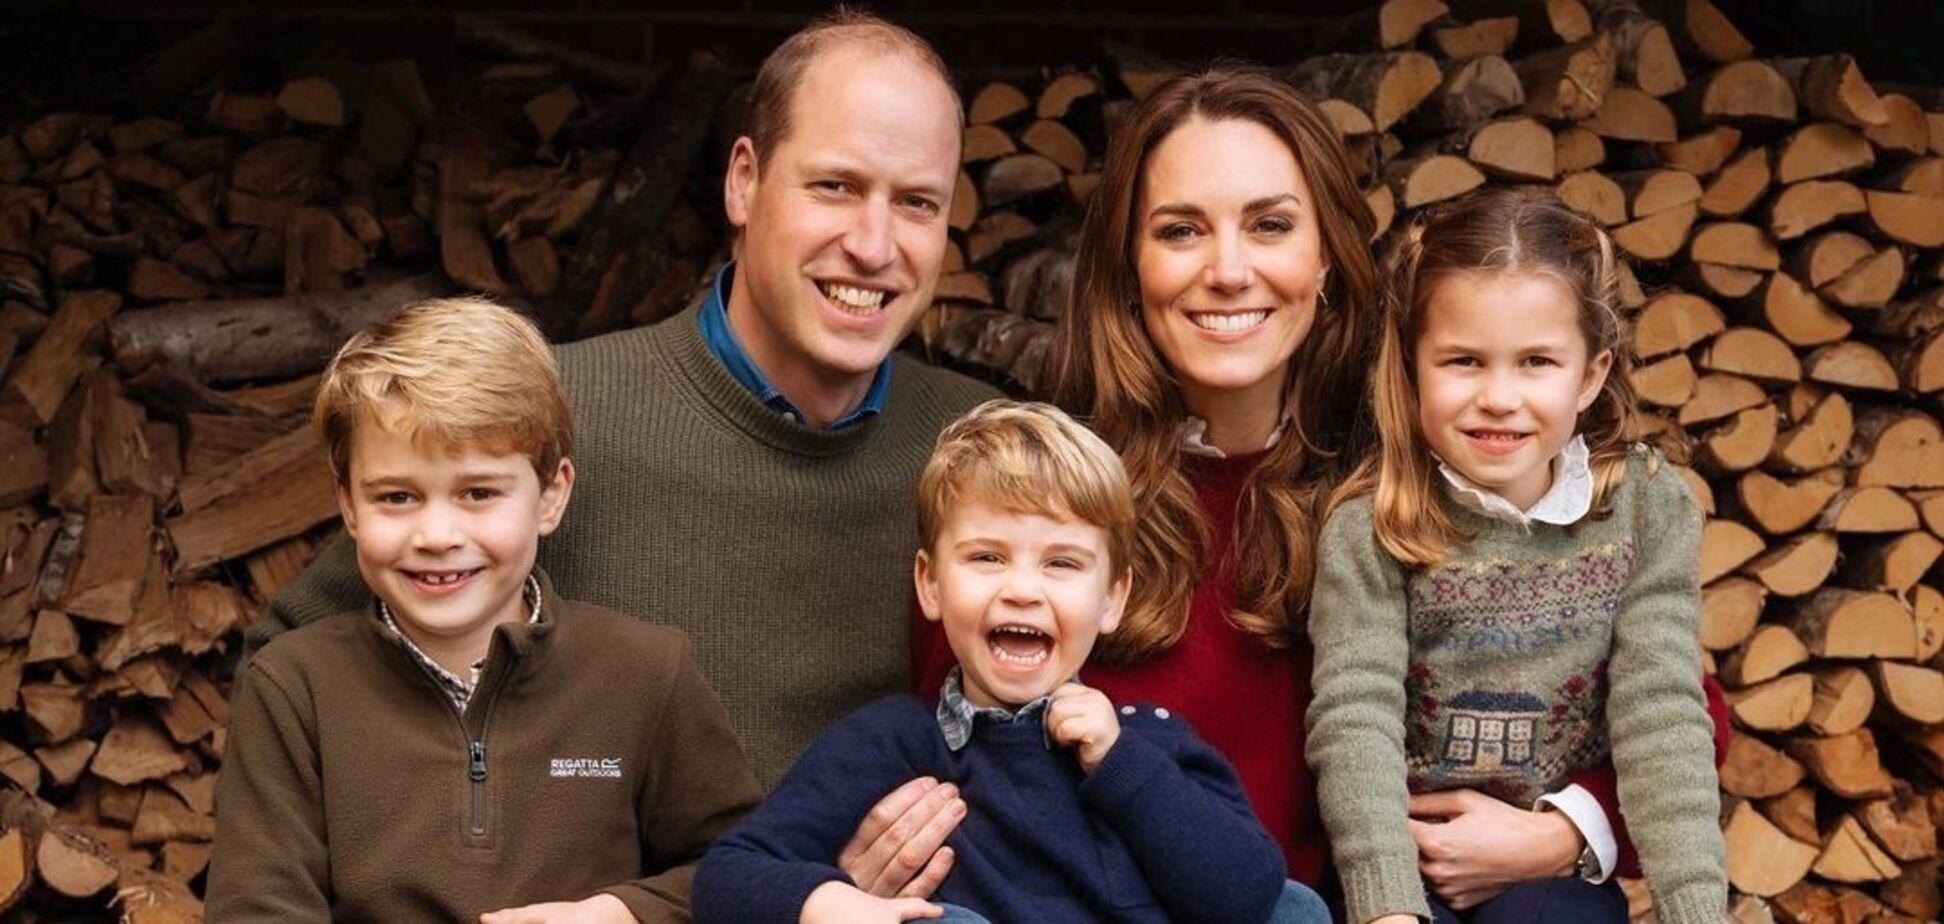 Принц Уильям и Кейт Миддлтон снялись в трогательном видео с детьми